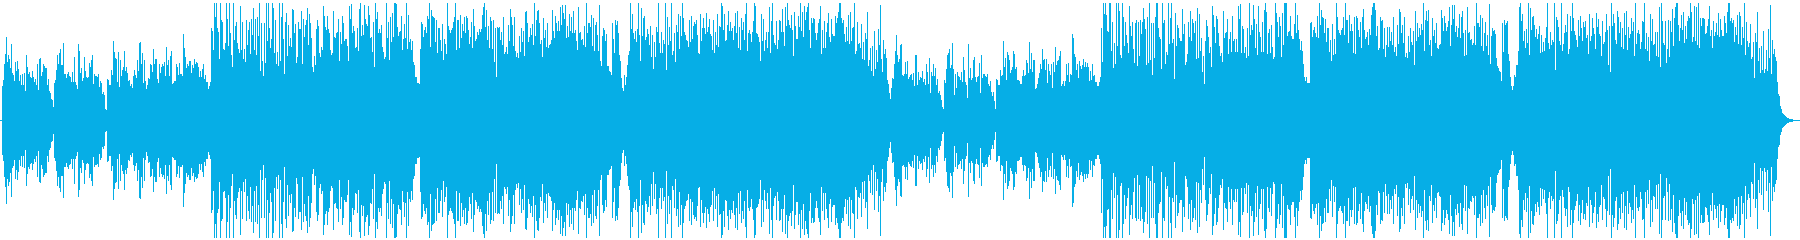 ほのぼのとしたケルト曲の再生済みの波形